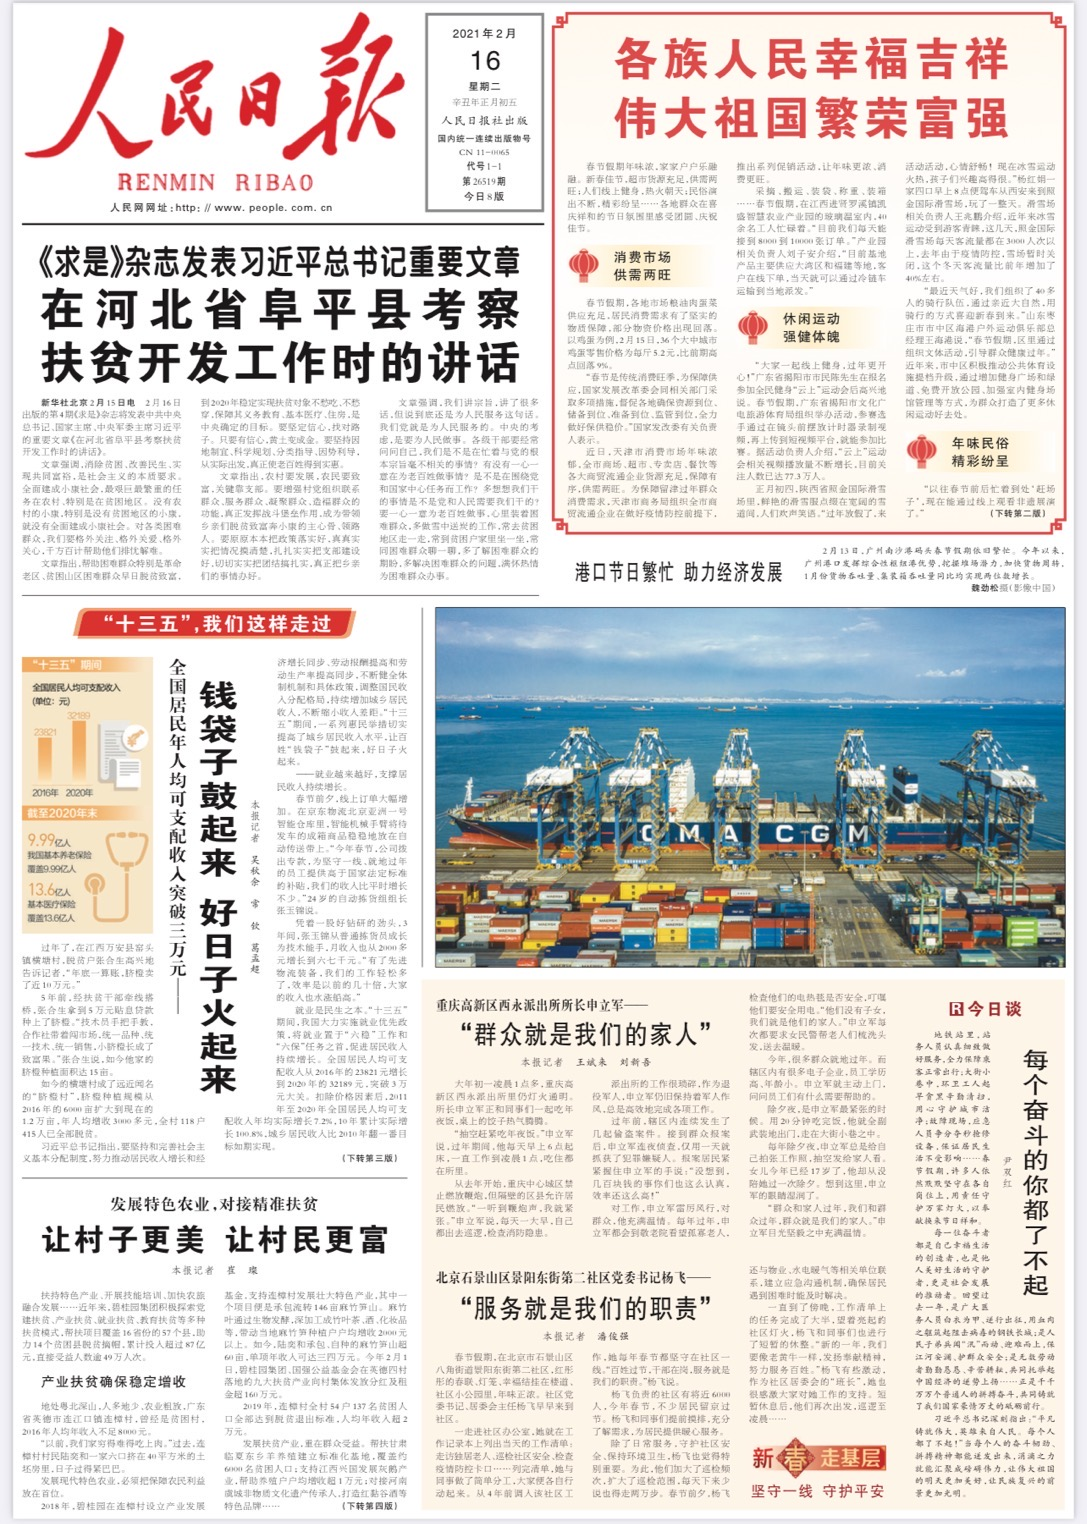 人民日報老大報道,碧桂園發展特色農業,對接精準扶貧